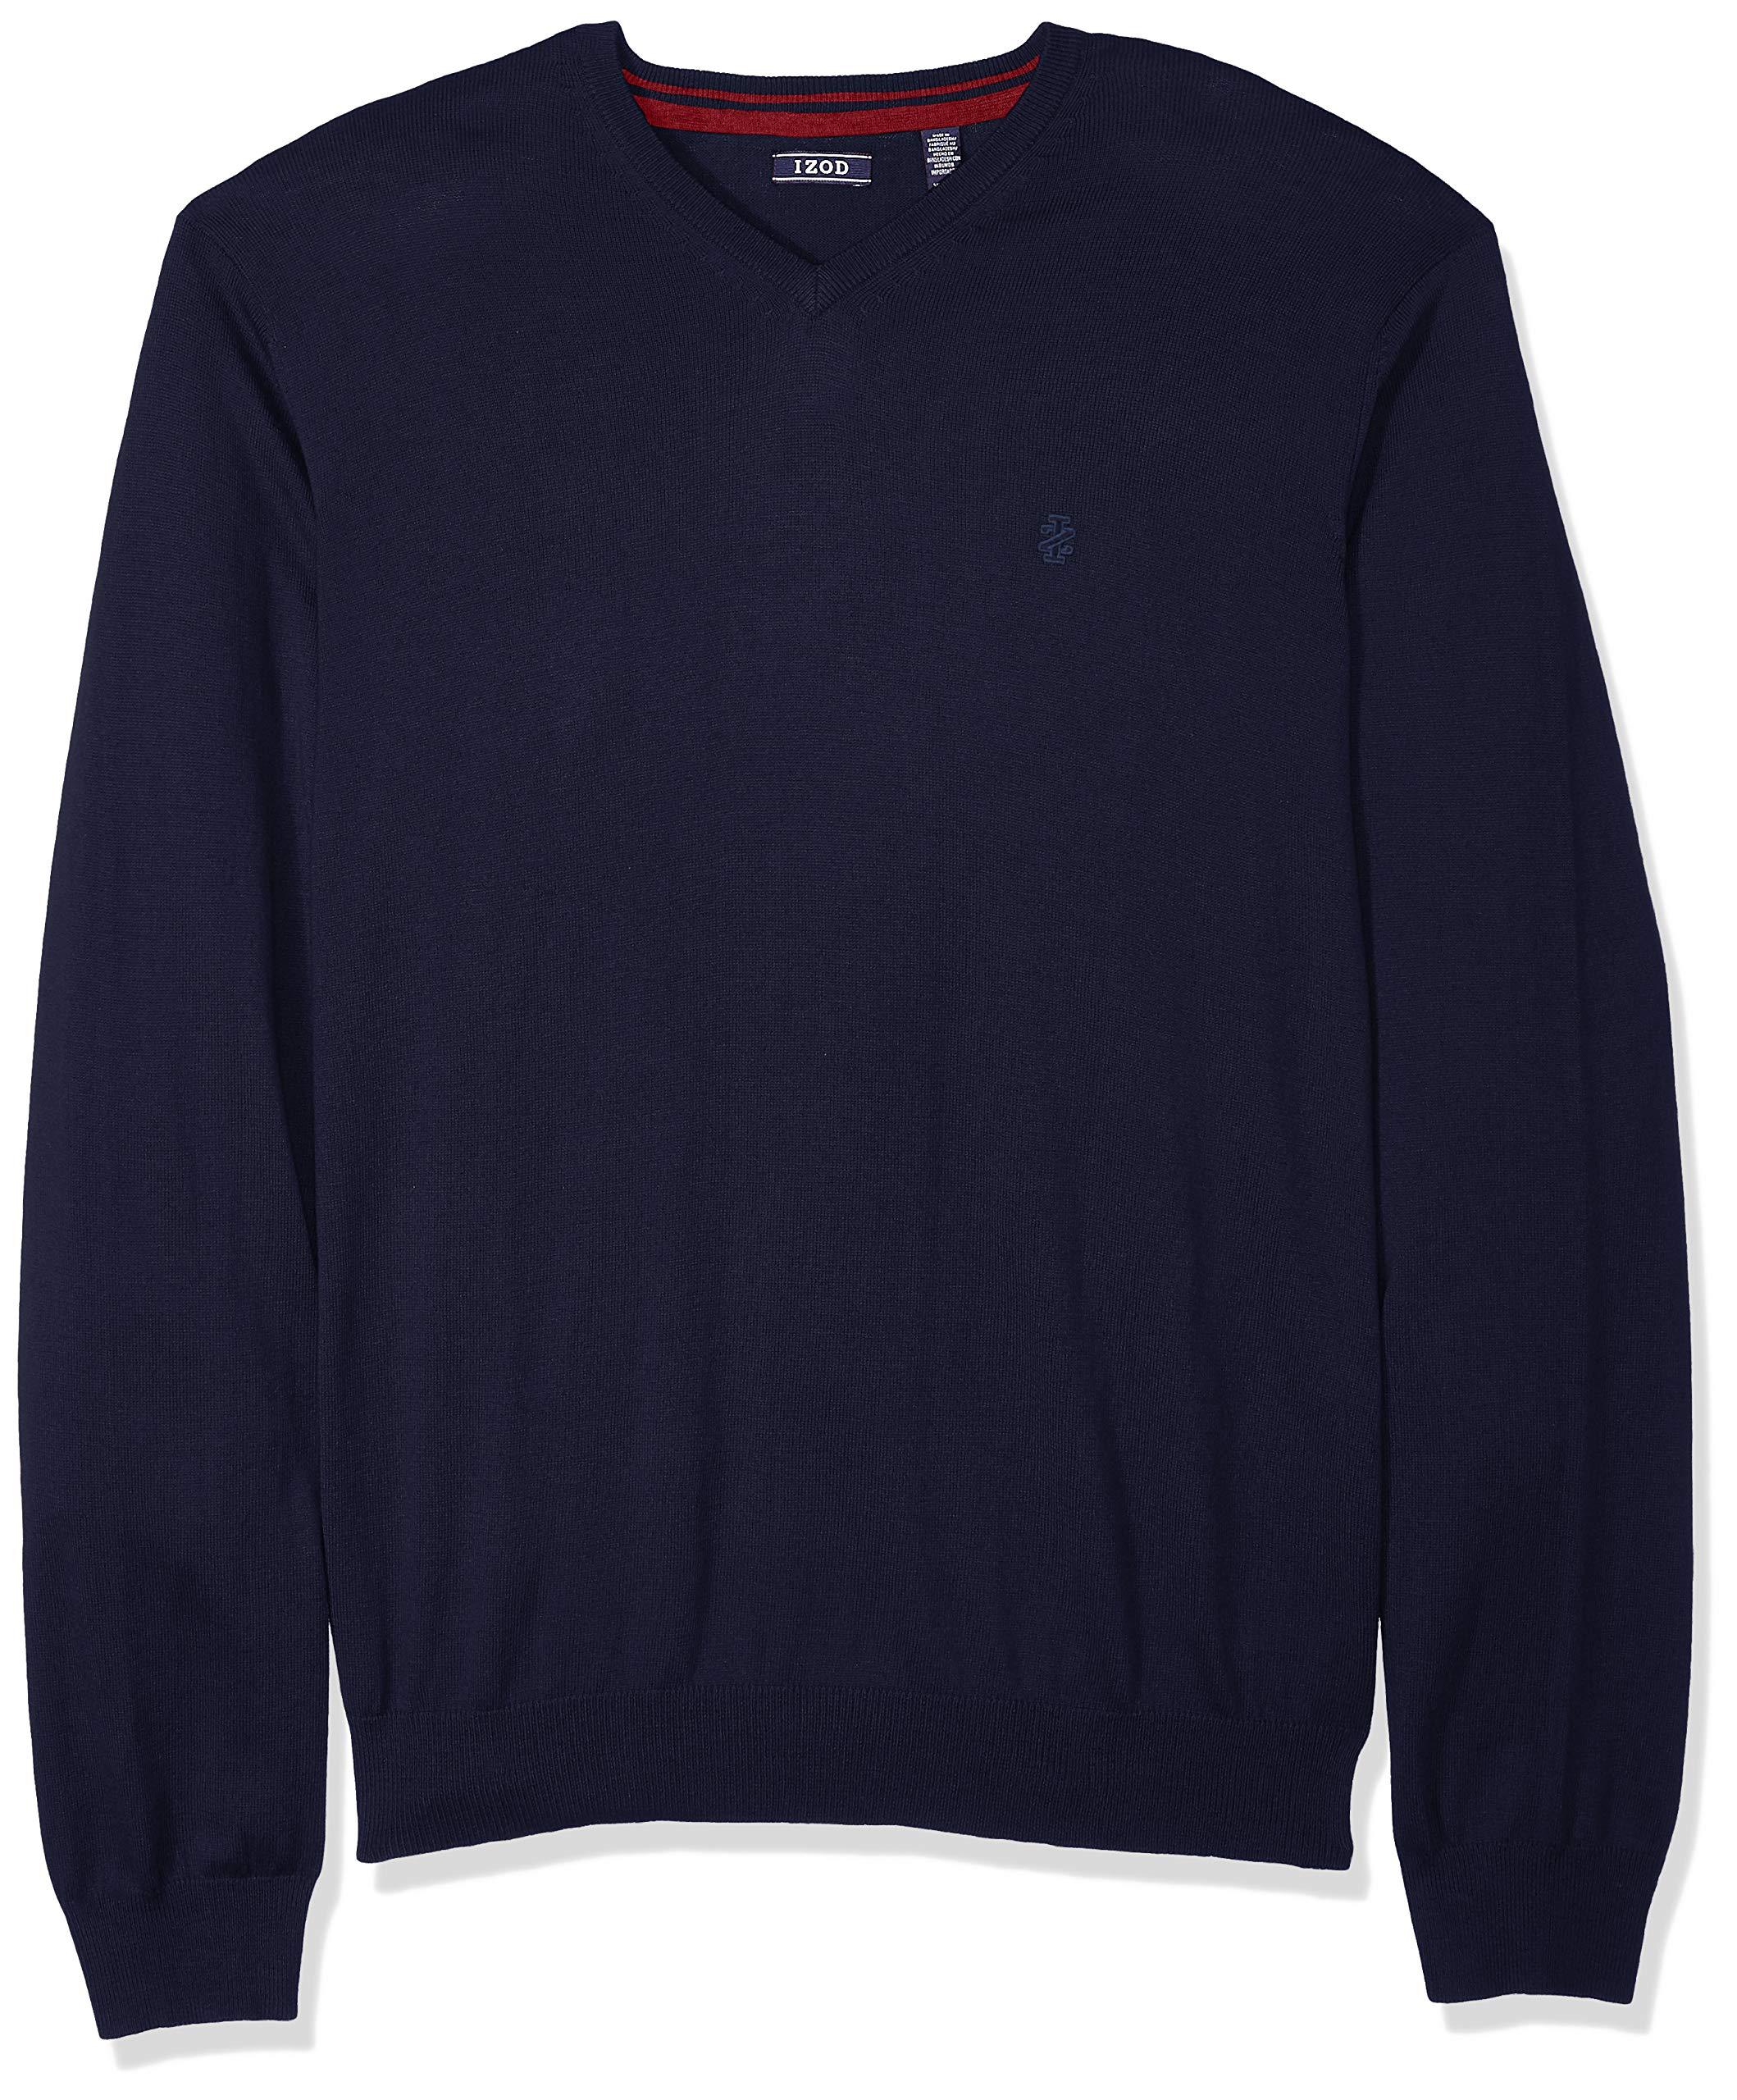 IZOD Men's Fine Gauge Solid V-Neck Sweater, New Peacoat, X-Large Slim